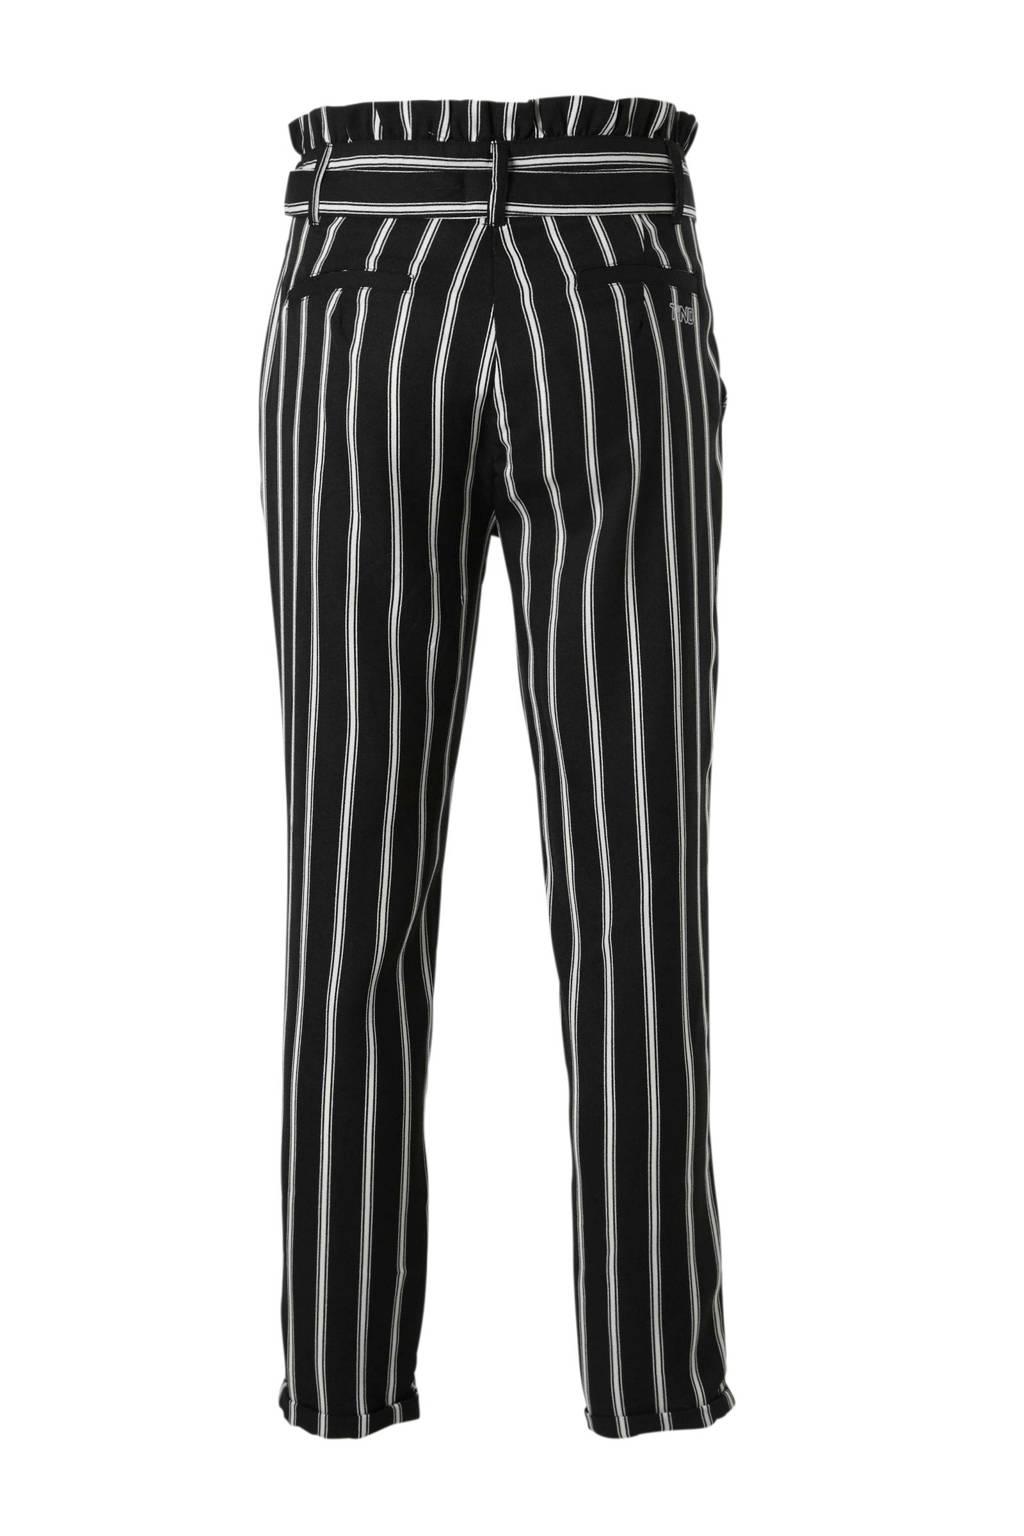 Tumble 'n Dry Hi gestreepte tapered fit broek Boan zwart, Zwart/wit